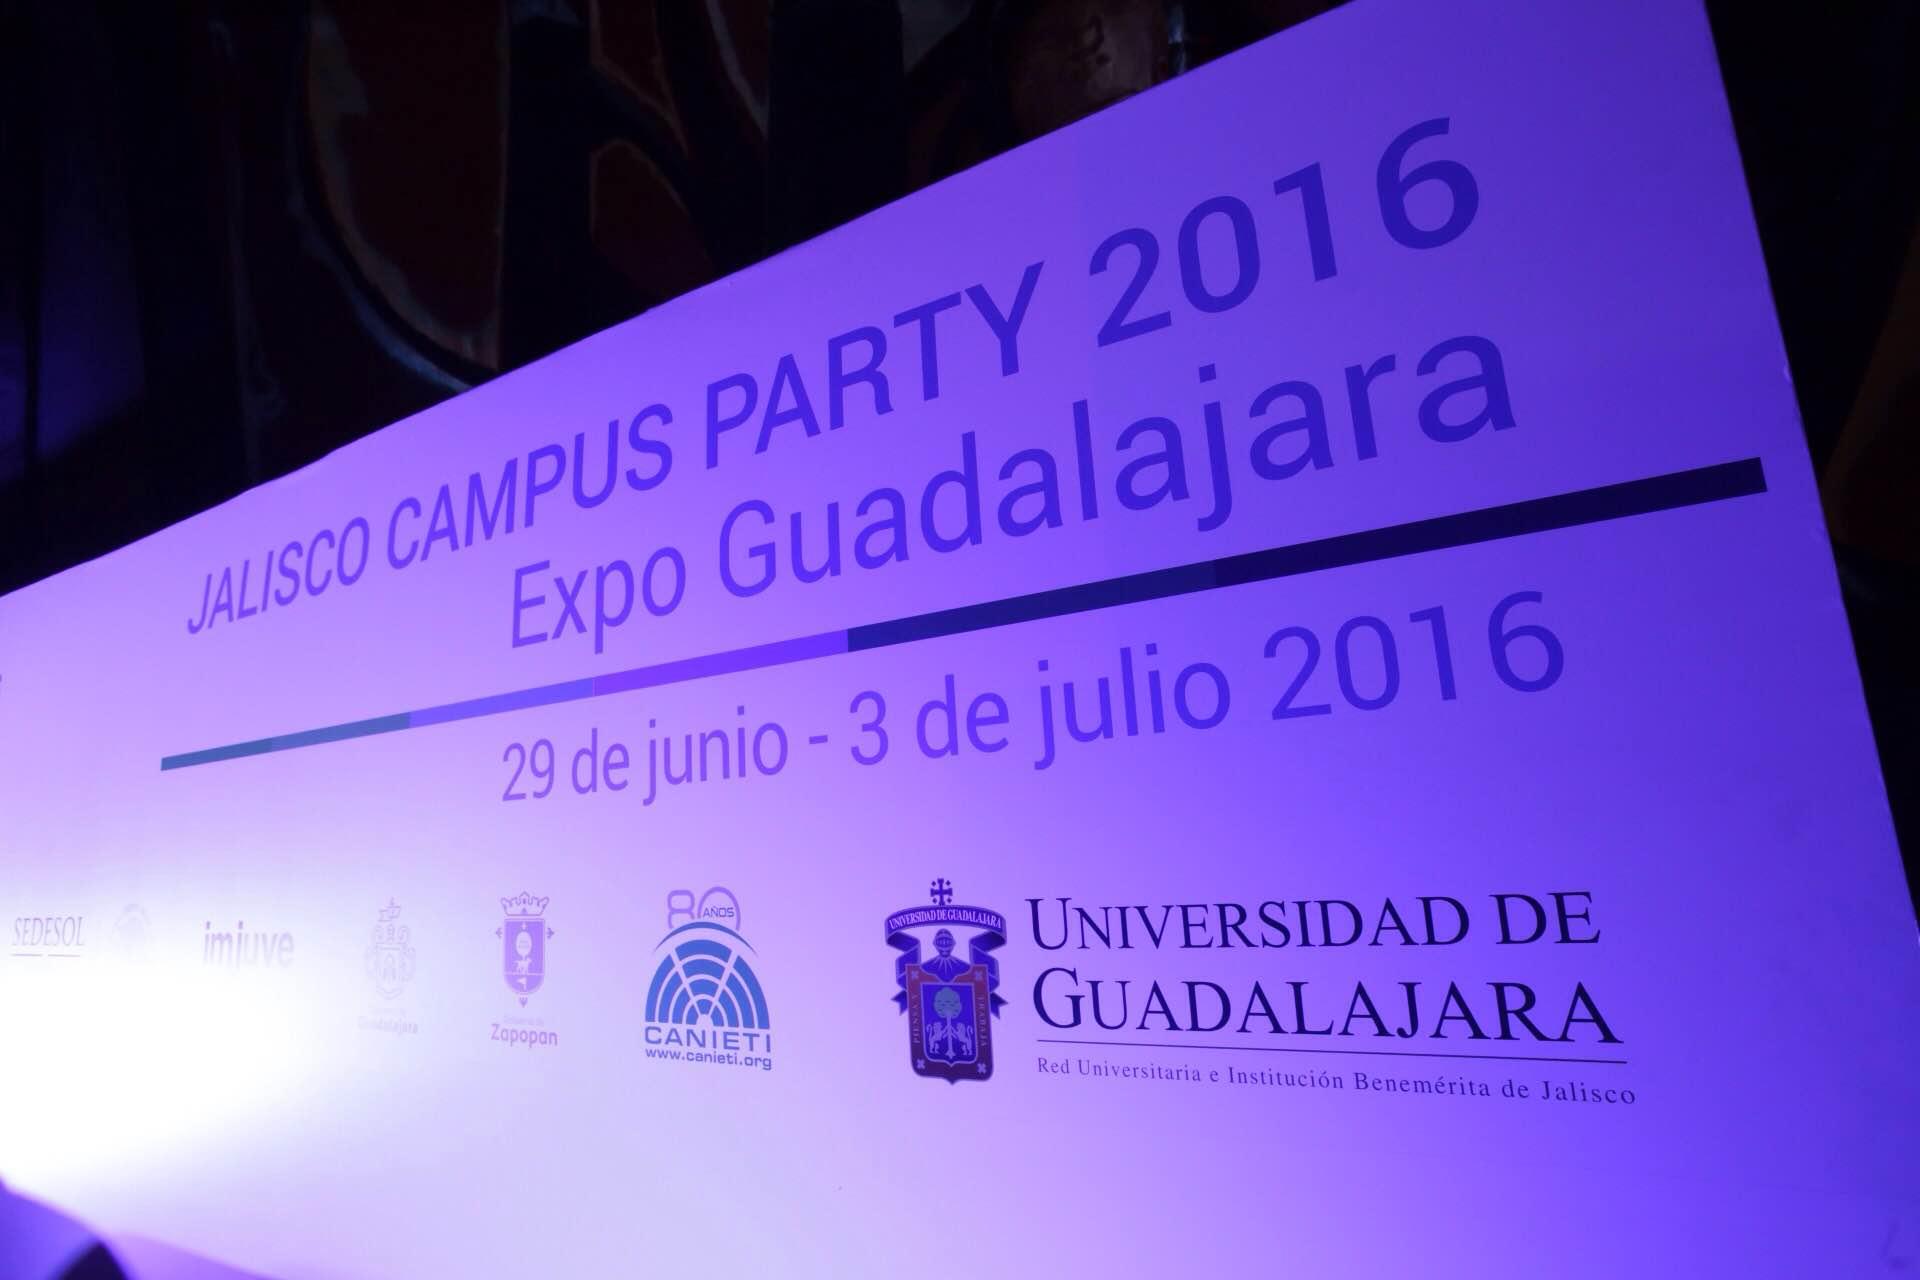 Estructura de fondo, con el evento de Campus Party 2016.